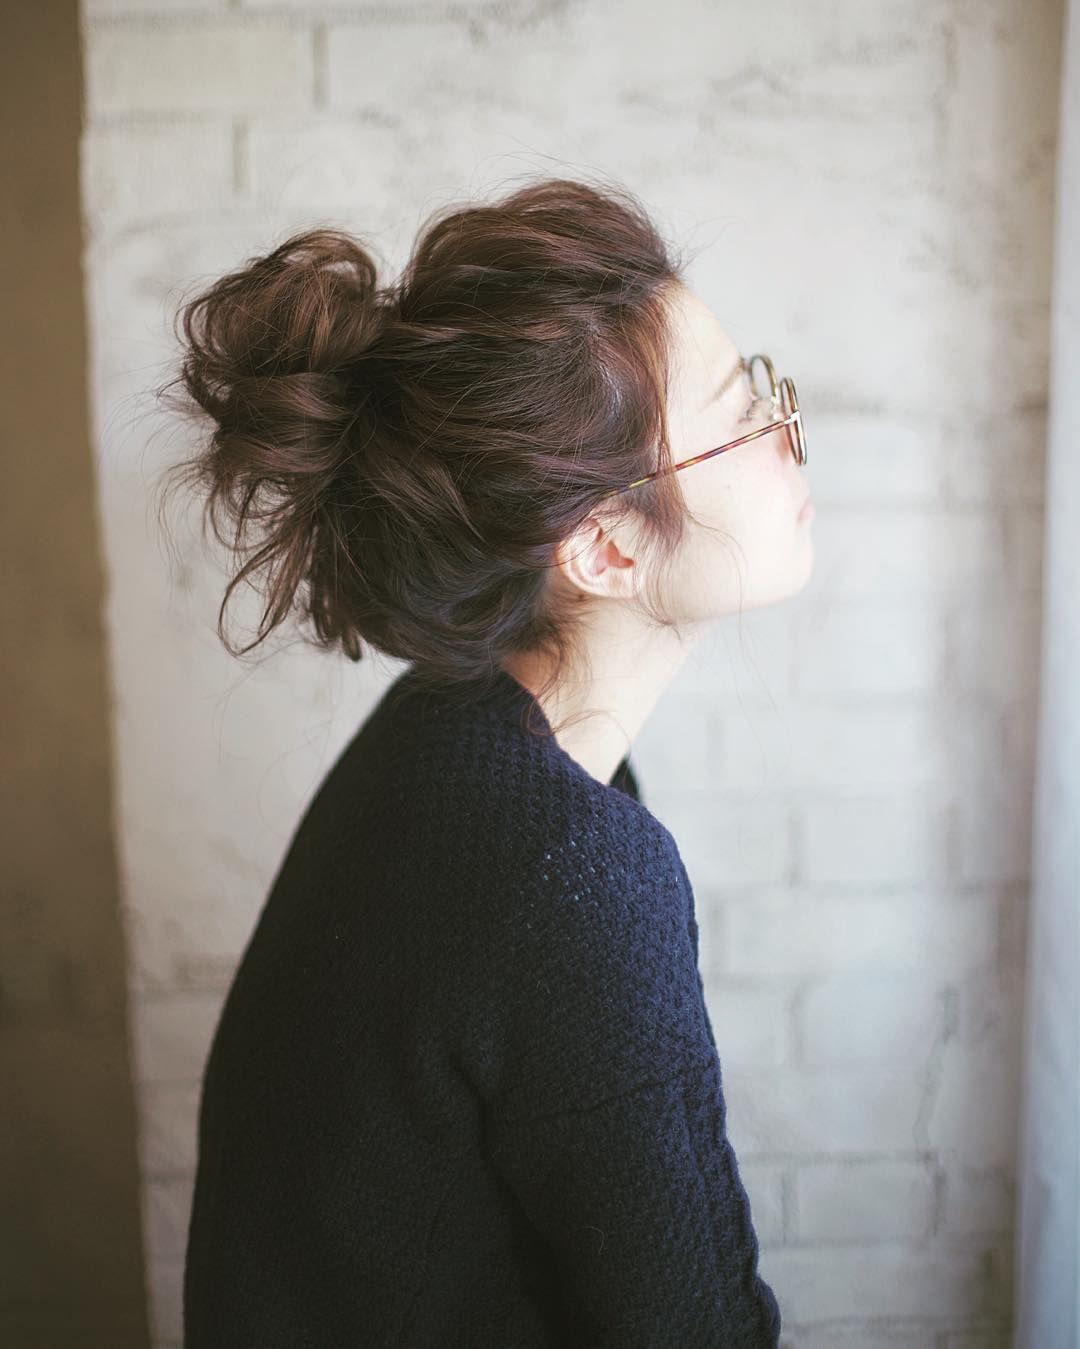 時間のない朝てもすくてきちゃう5分ててきる簡単ロングヘアアレンジ ヘアスタイリング ロングヘア 髪 色